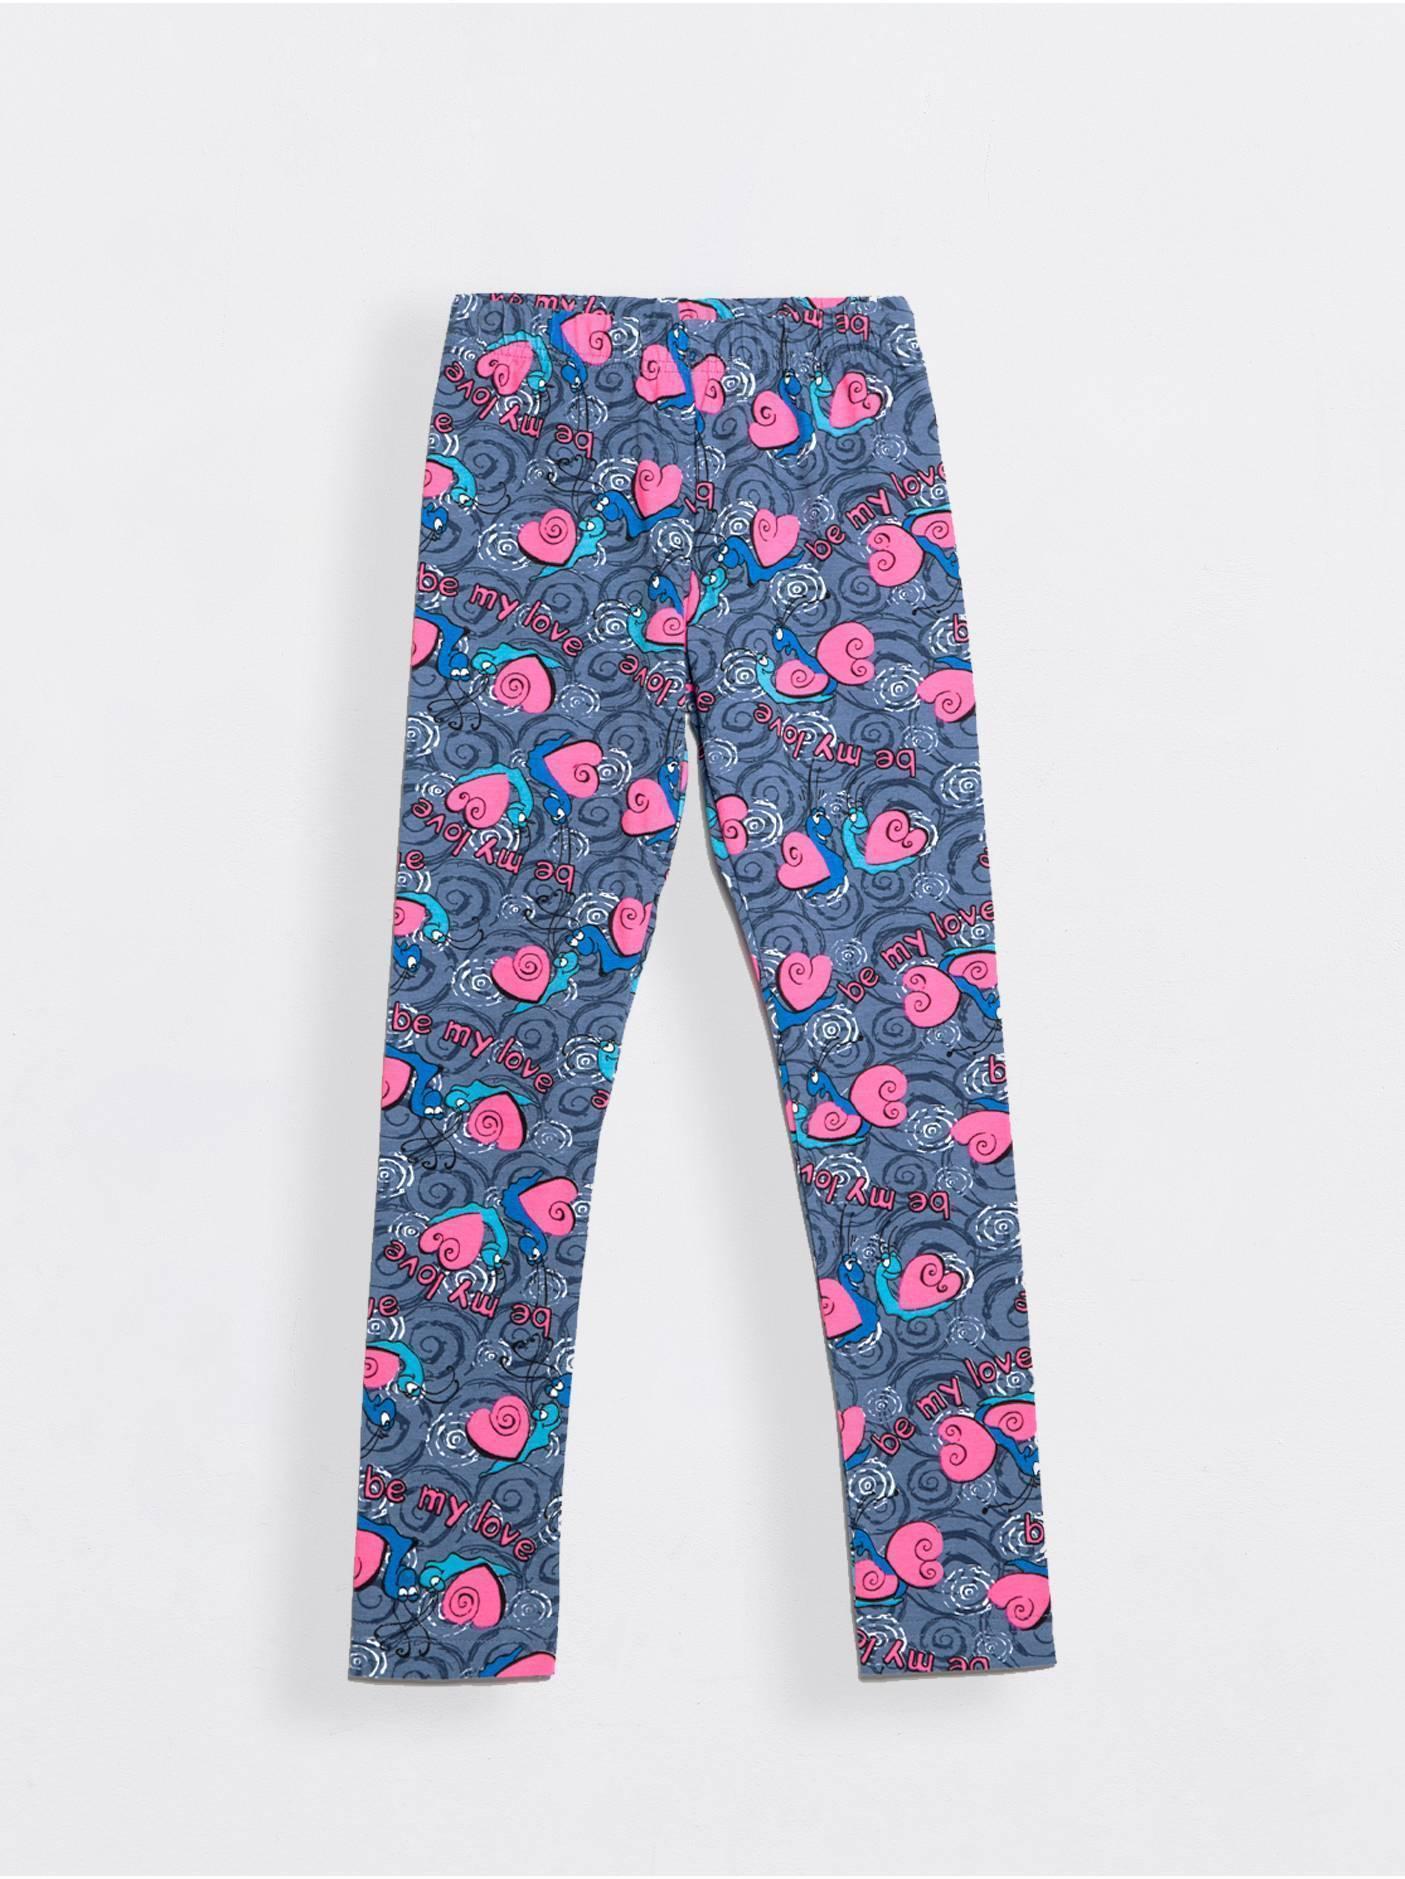 Леггинсы для девочек ⭐️ Леггинсы для девочек WENDY серо-голубые ⭐️